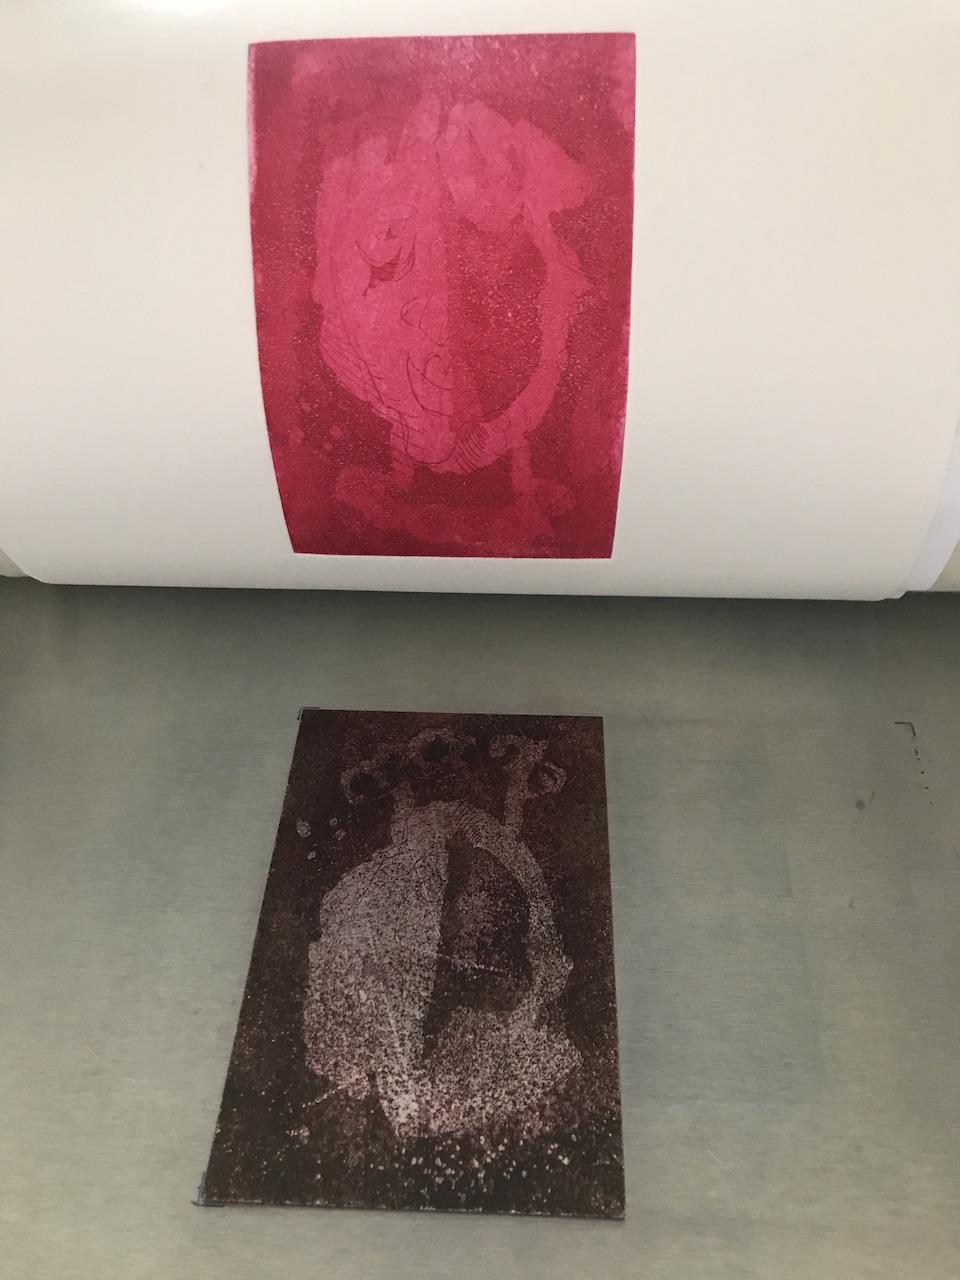 Zinkplatte rotes Portrait in der Druckpresse, in der Aquatinta Technik geätzt, Foto und Radierung von Susanne Haun (c) VG Bild-Kunst, Bonn 2020